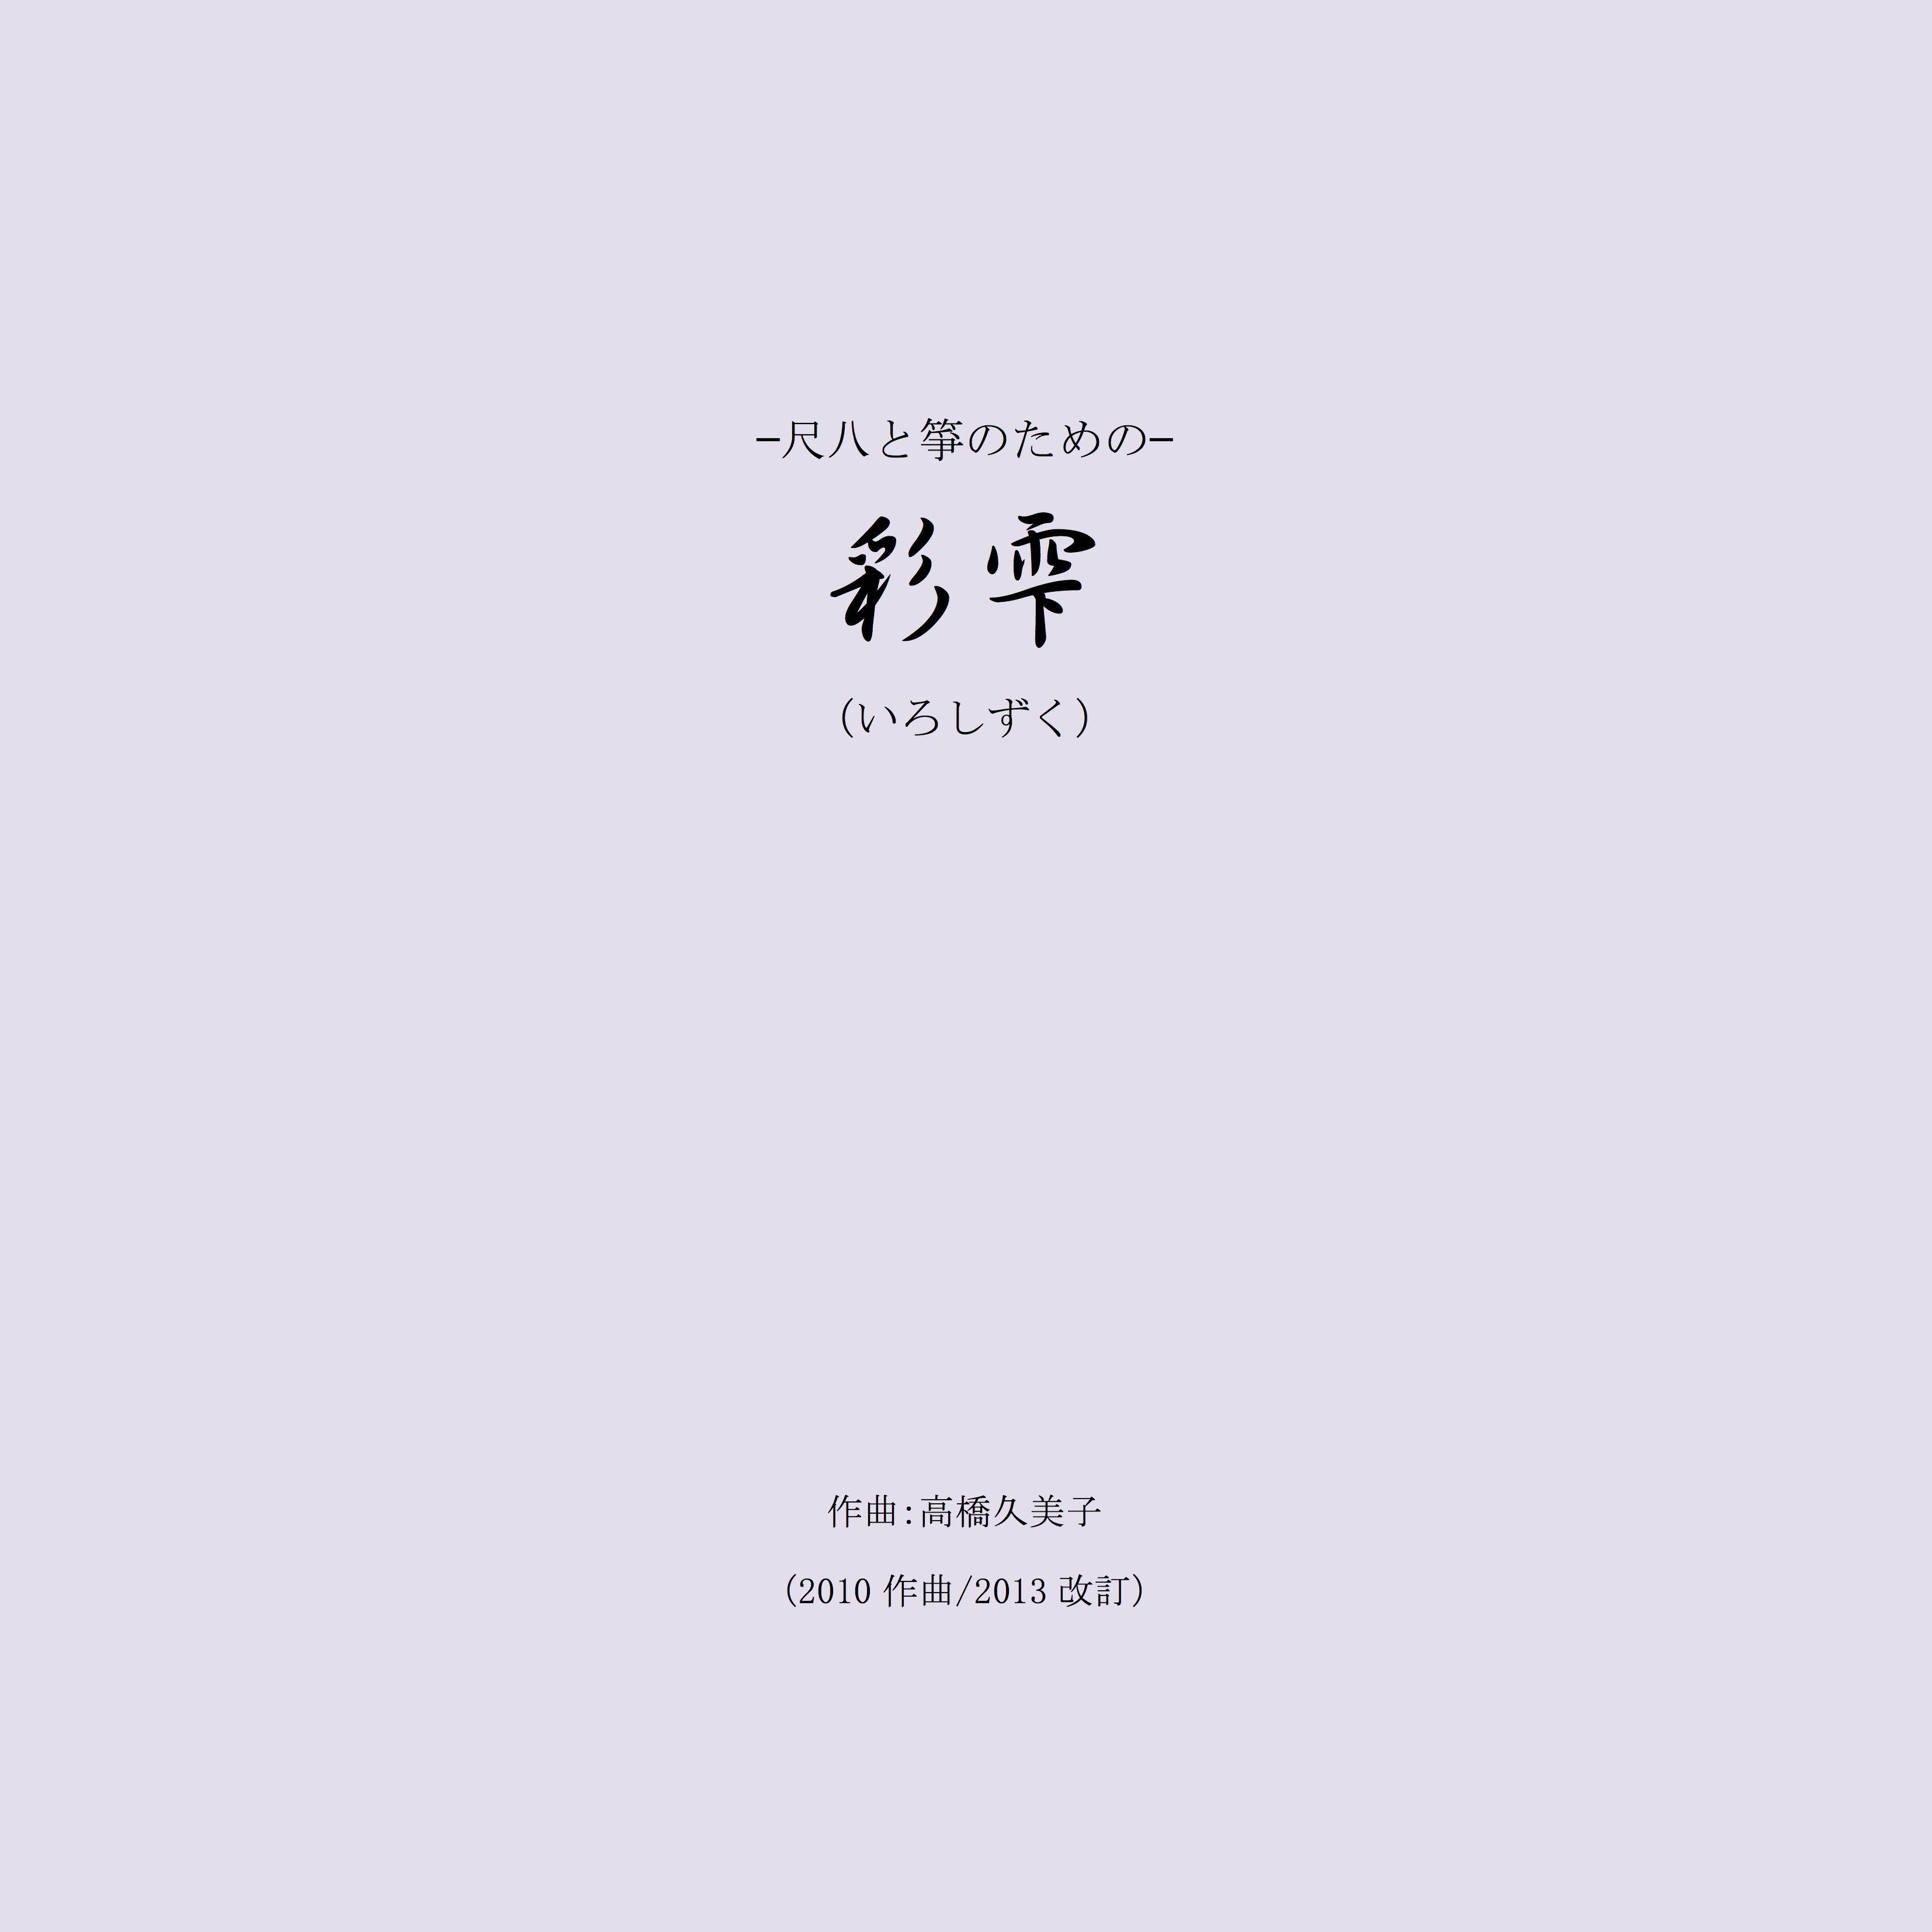 【楽譜】尺八と箏のための─彩雫(五線譜)A4判